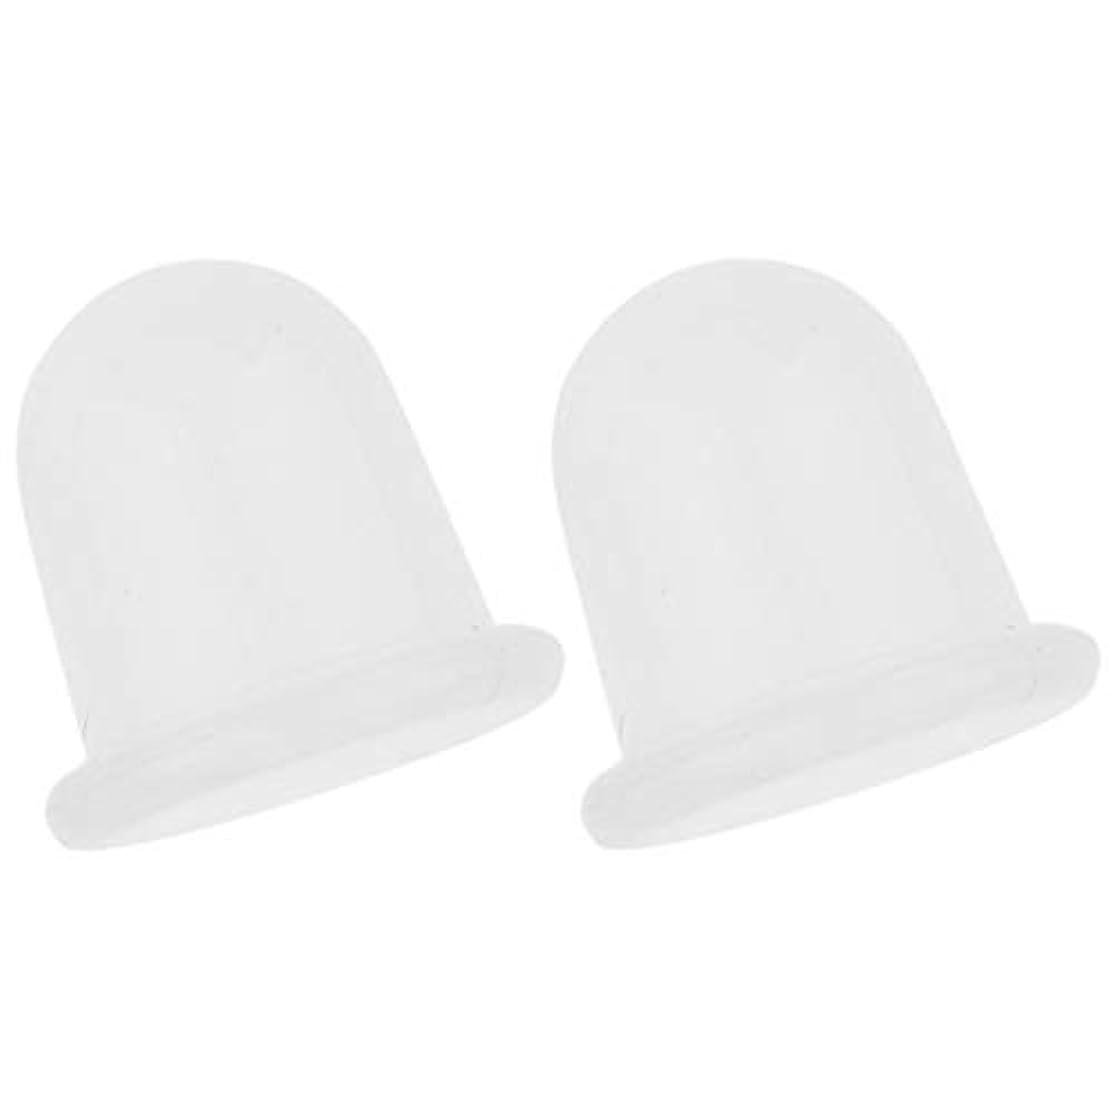 連鎖アラーム場合sharprepublic ボディー ビューティーストレス 空カップ 吸い玉 真空カッピングカップ 持ち運び 可能 汎用 2個入り